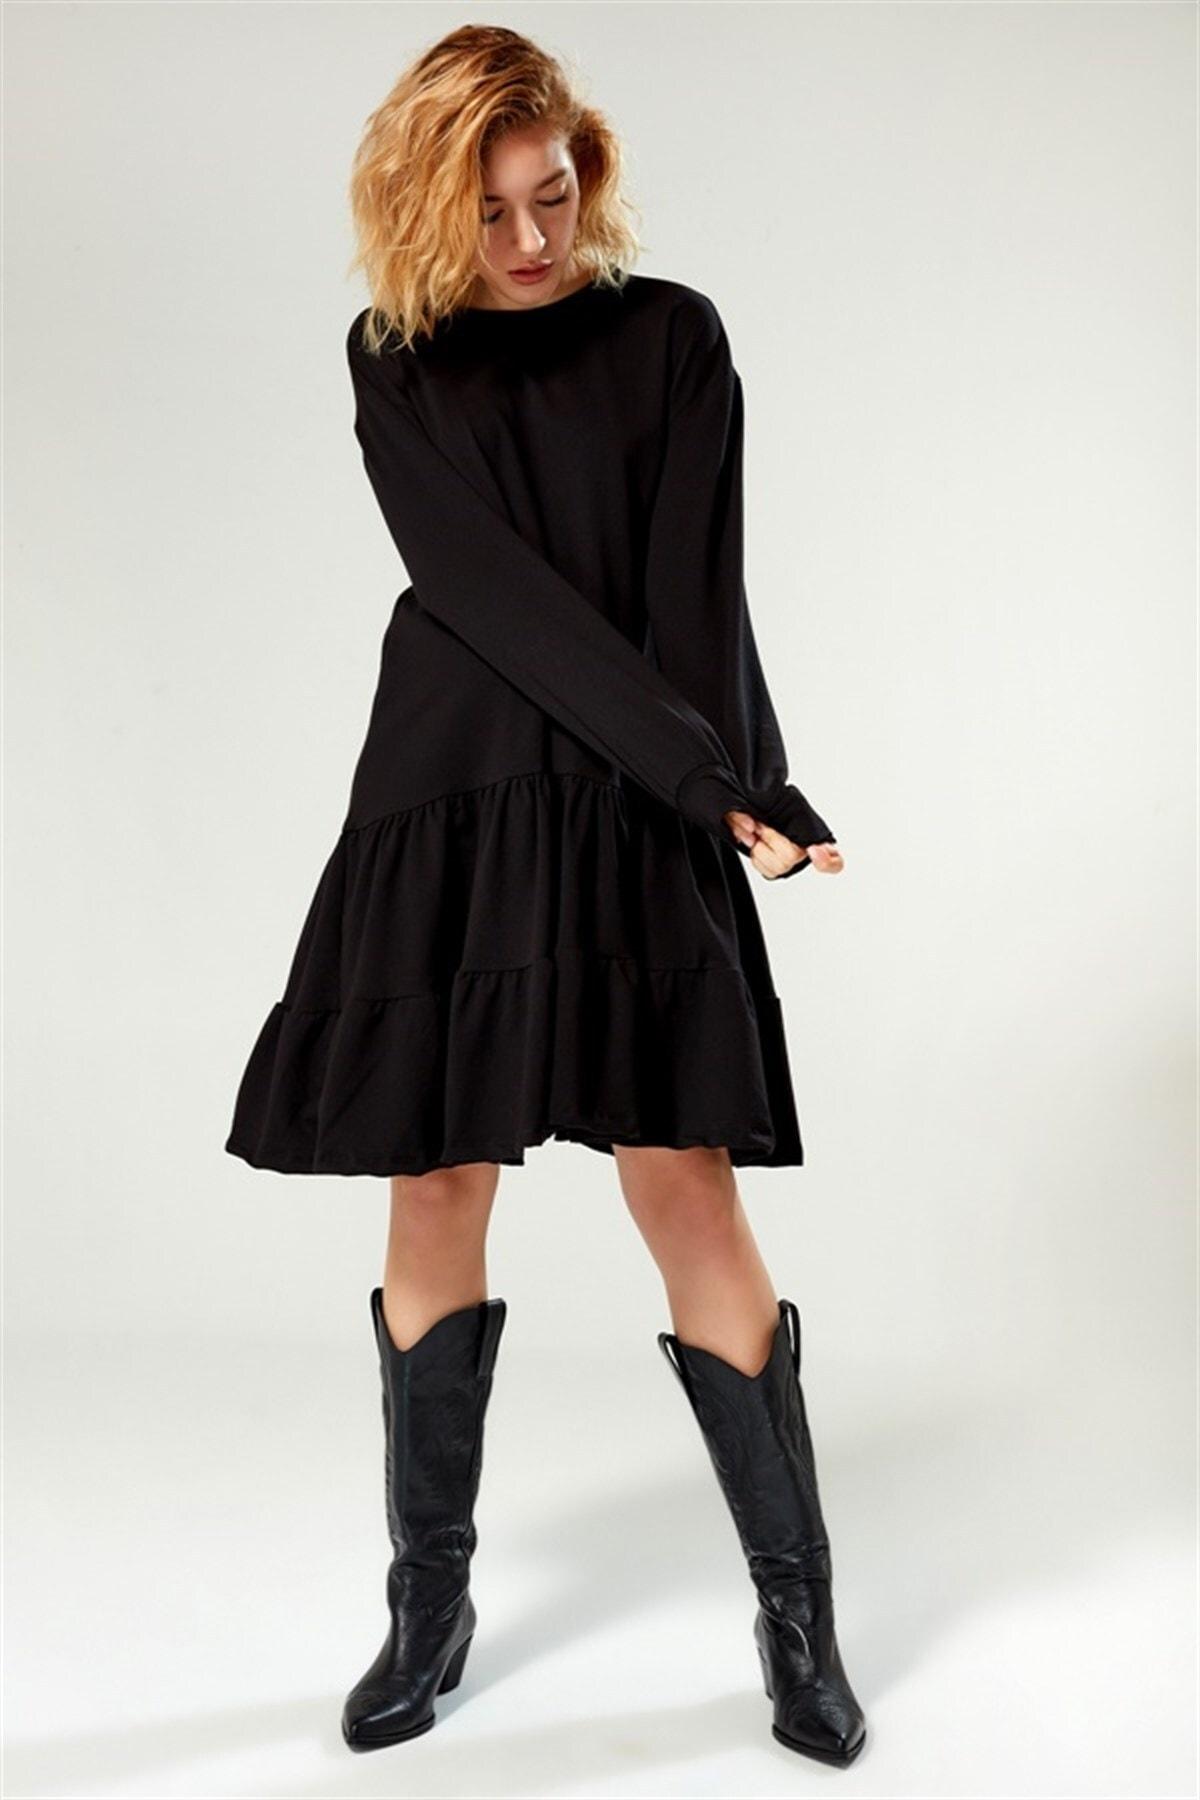 boutiquen Kadın Siyah Eteği Büzgülü Uzun Kollu Elbise 2164